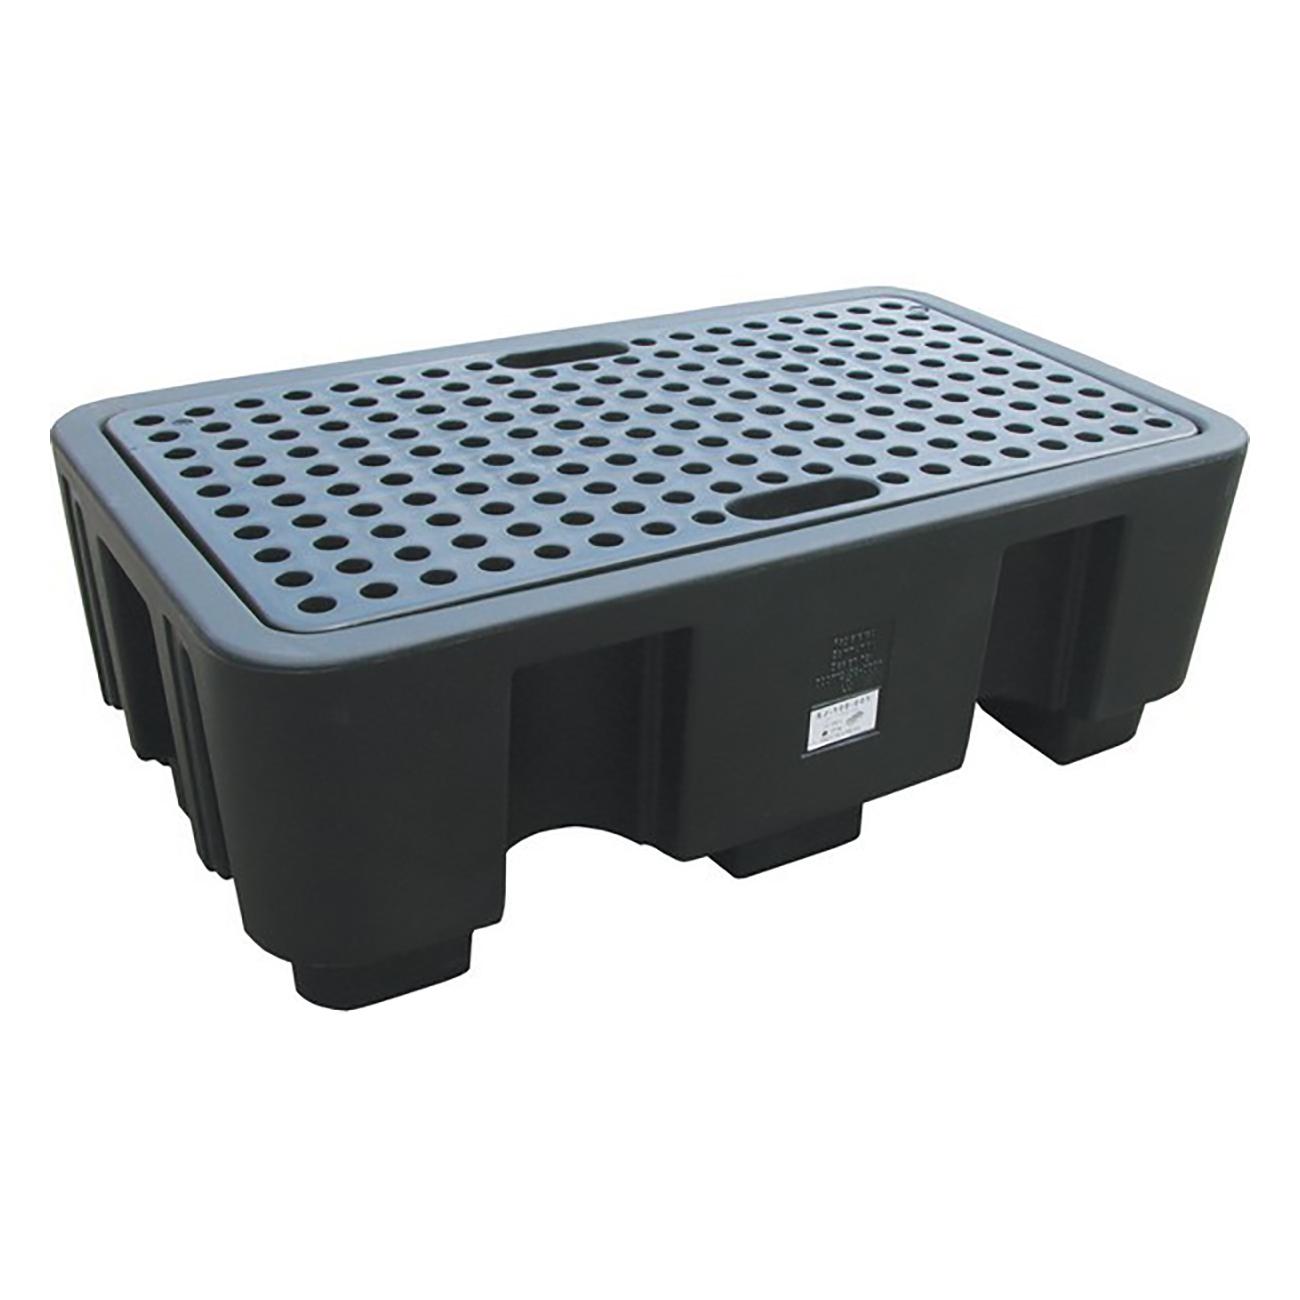 Фото Пластиковая решетка SPEG-2 для поддона EURO для 2 бочек {spc196270}